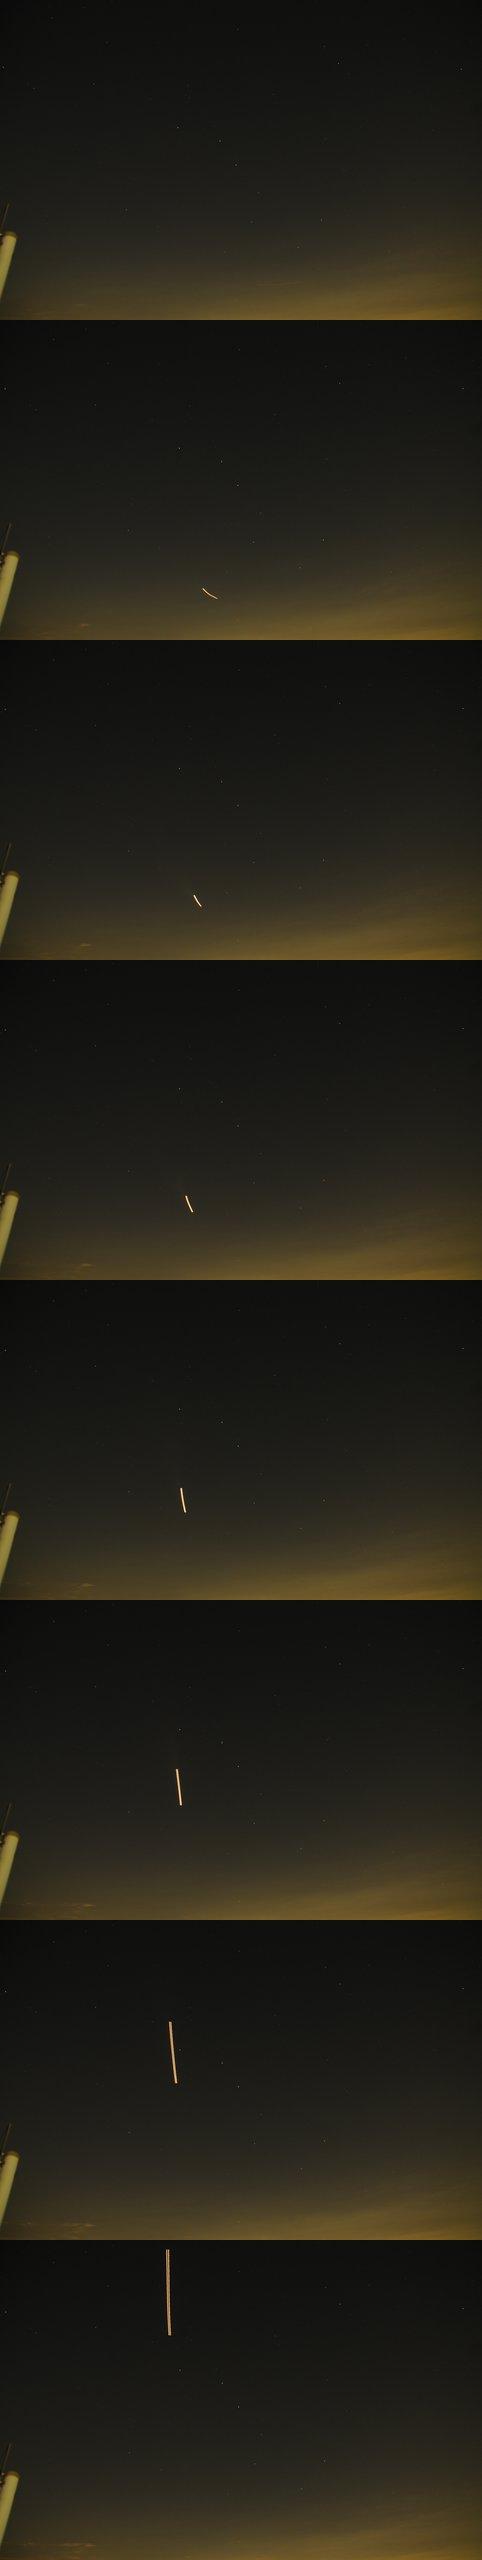 20120915-04.jpg